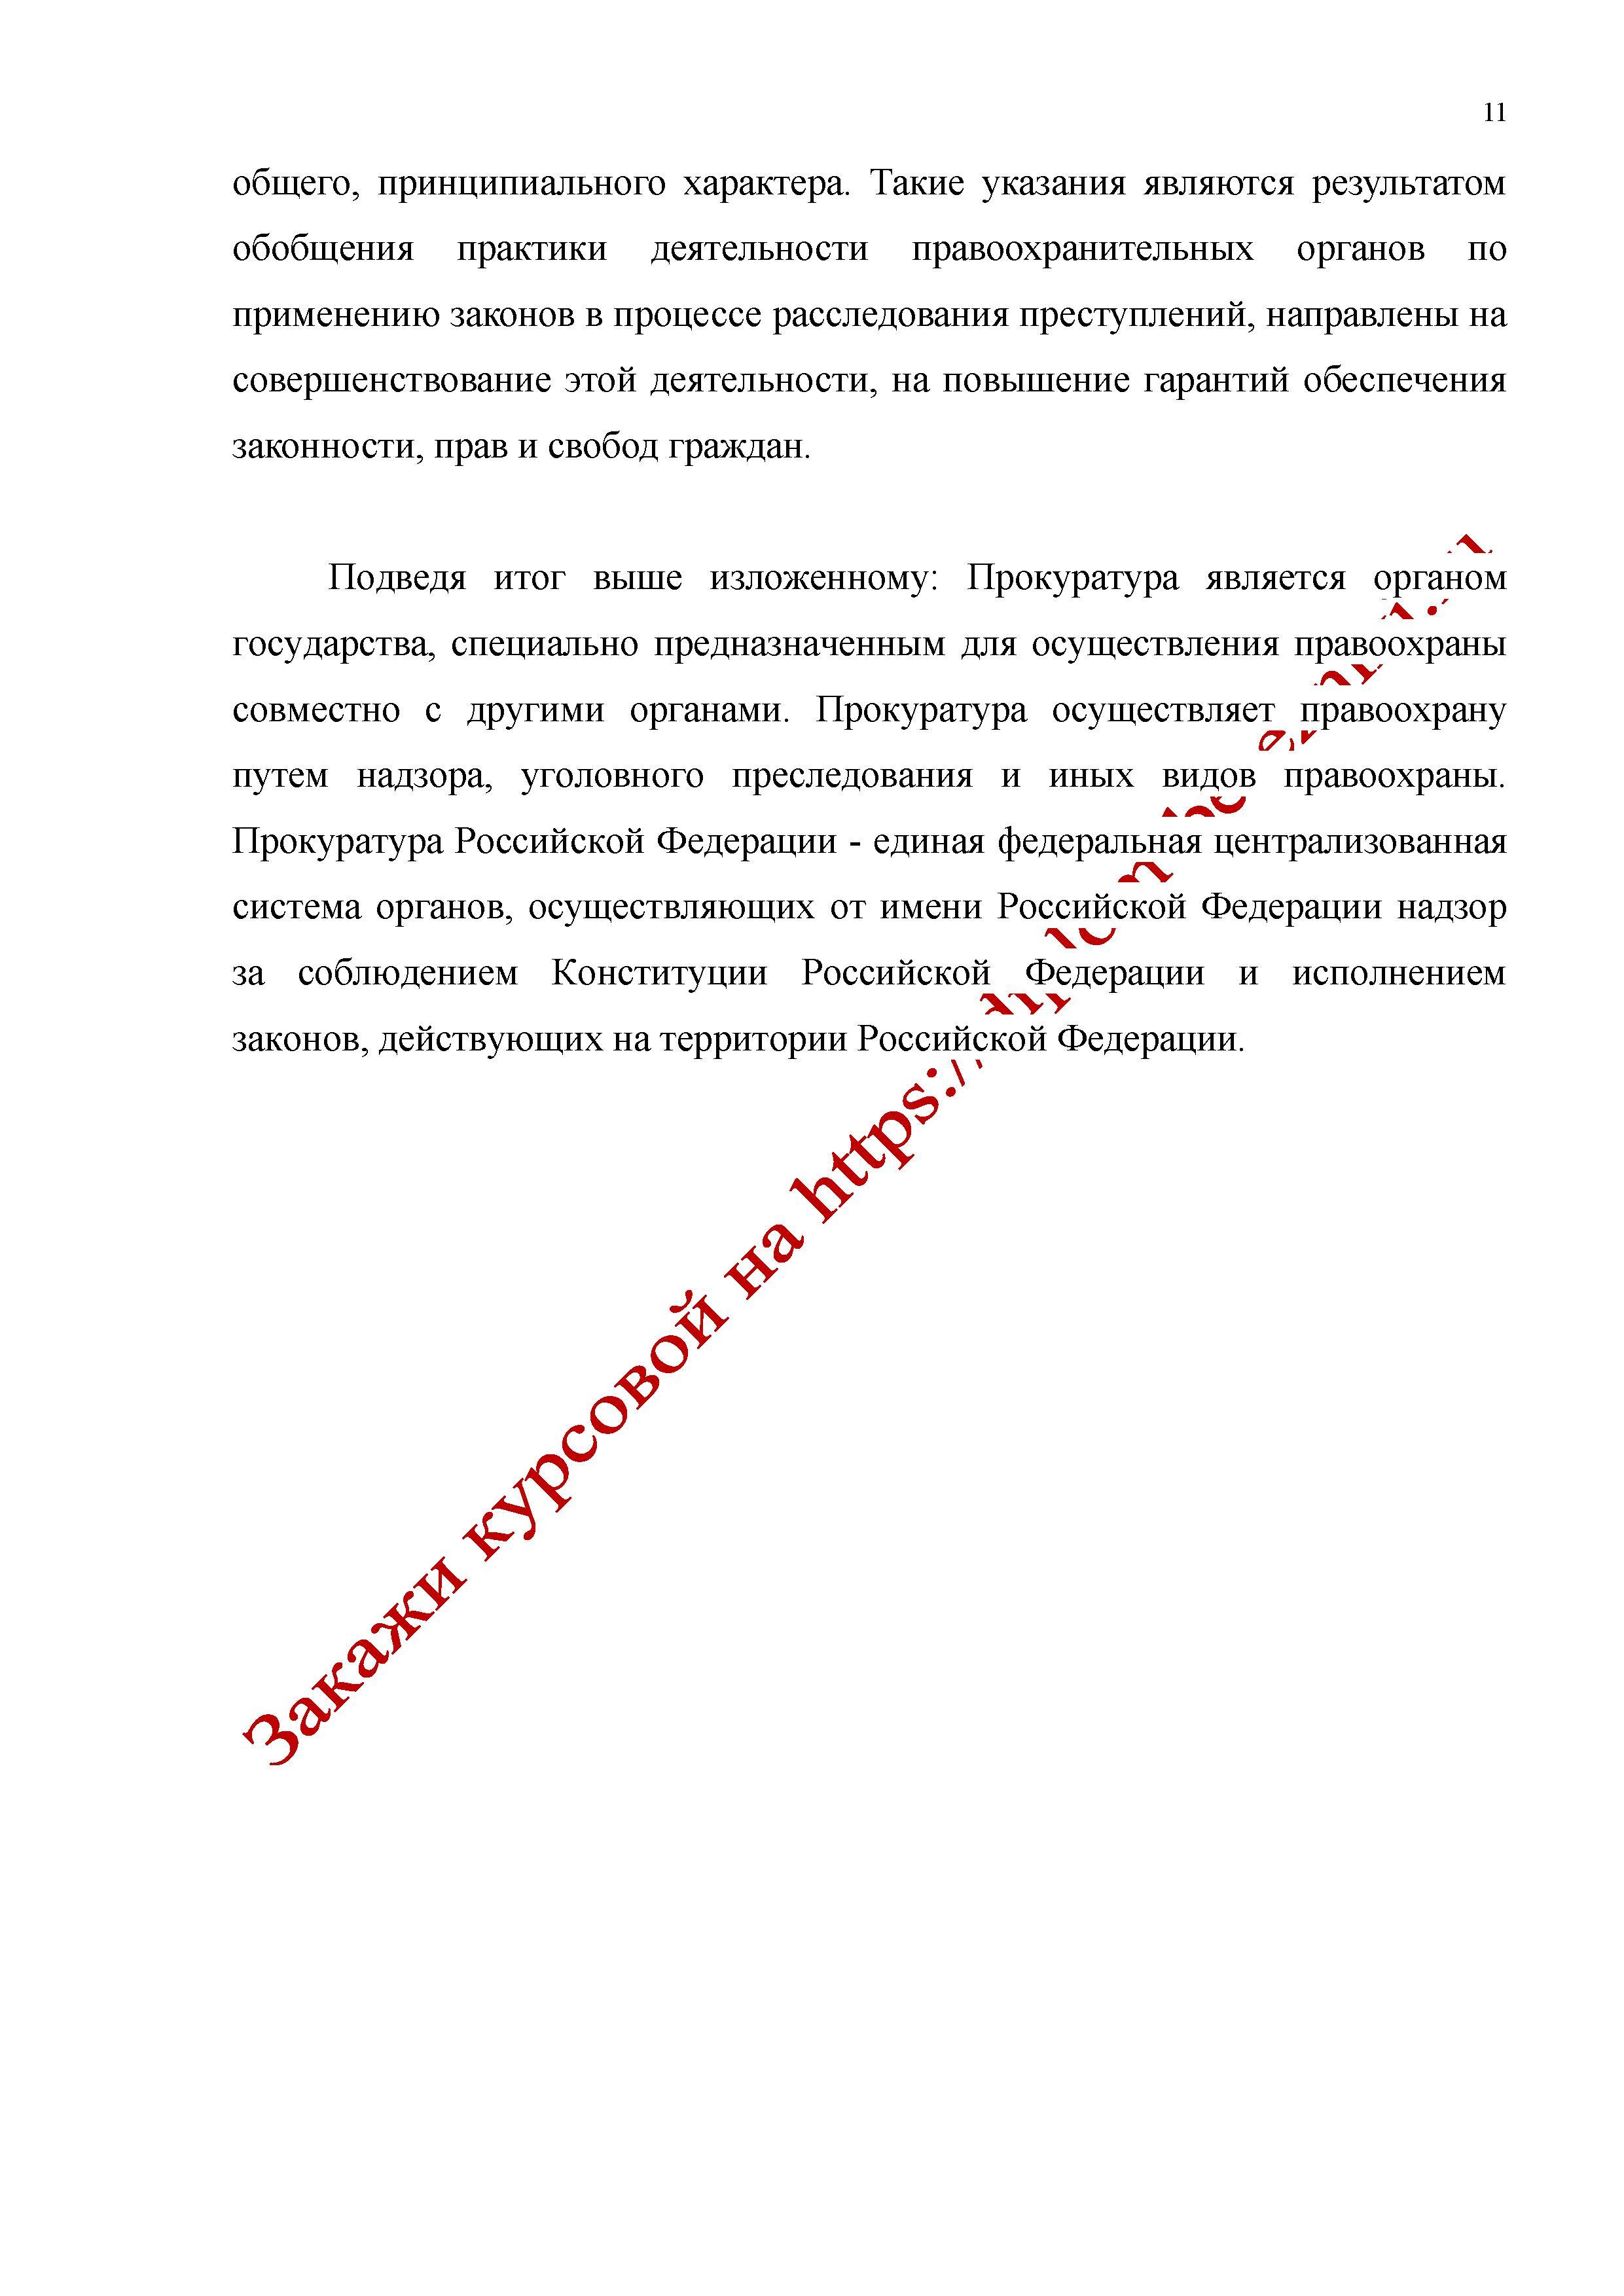 Прокурорский надзор как основная функция прокуратуры